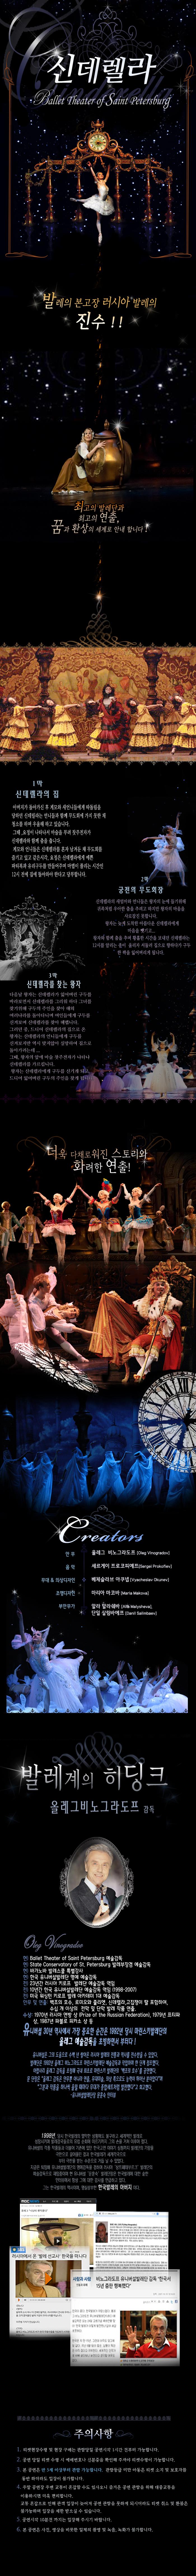 발레의 본고장 러시아 발레의 진수! 최고의 발레단과 최고의 연출, 꿈과 환상의 세계로 안내합니다.